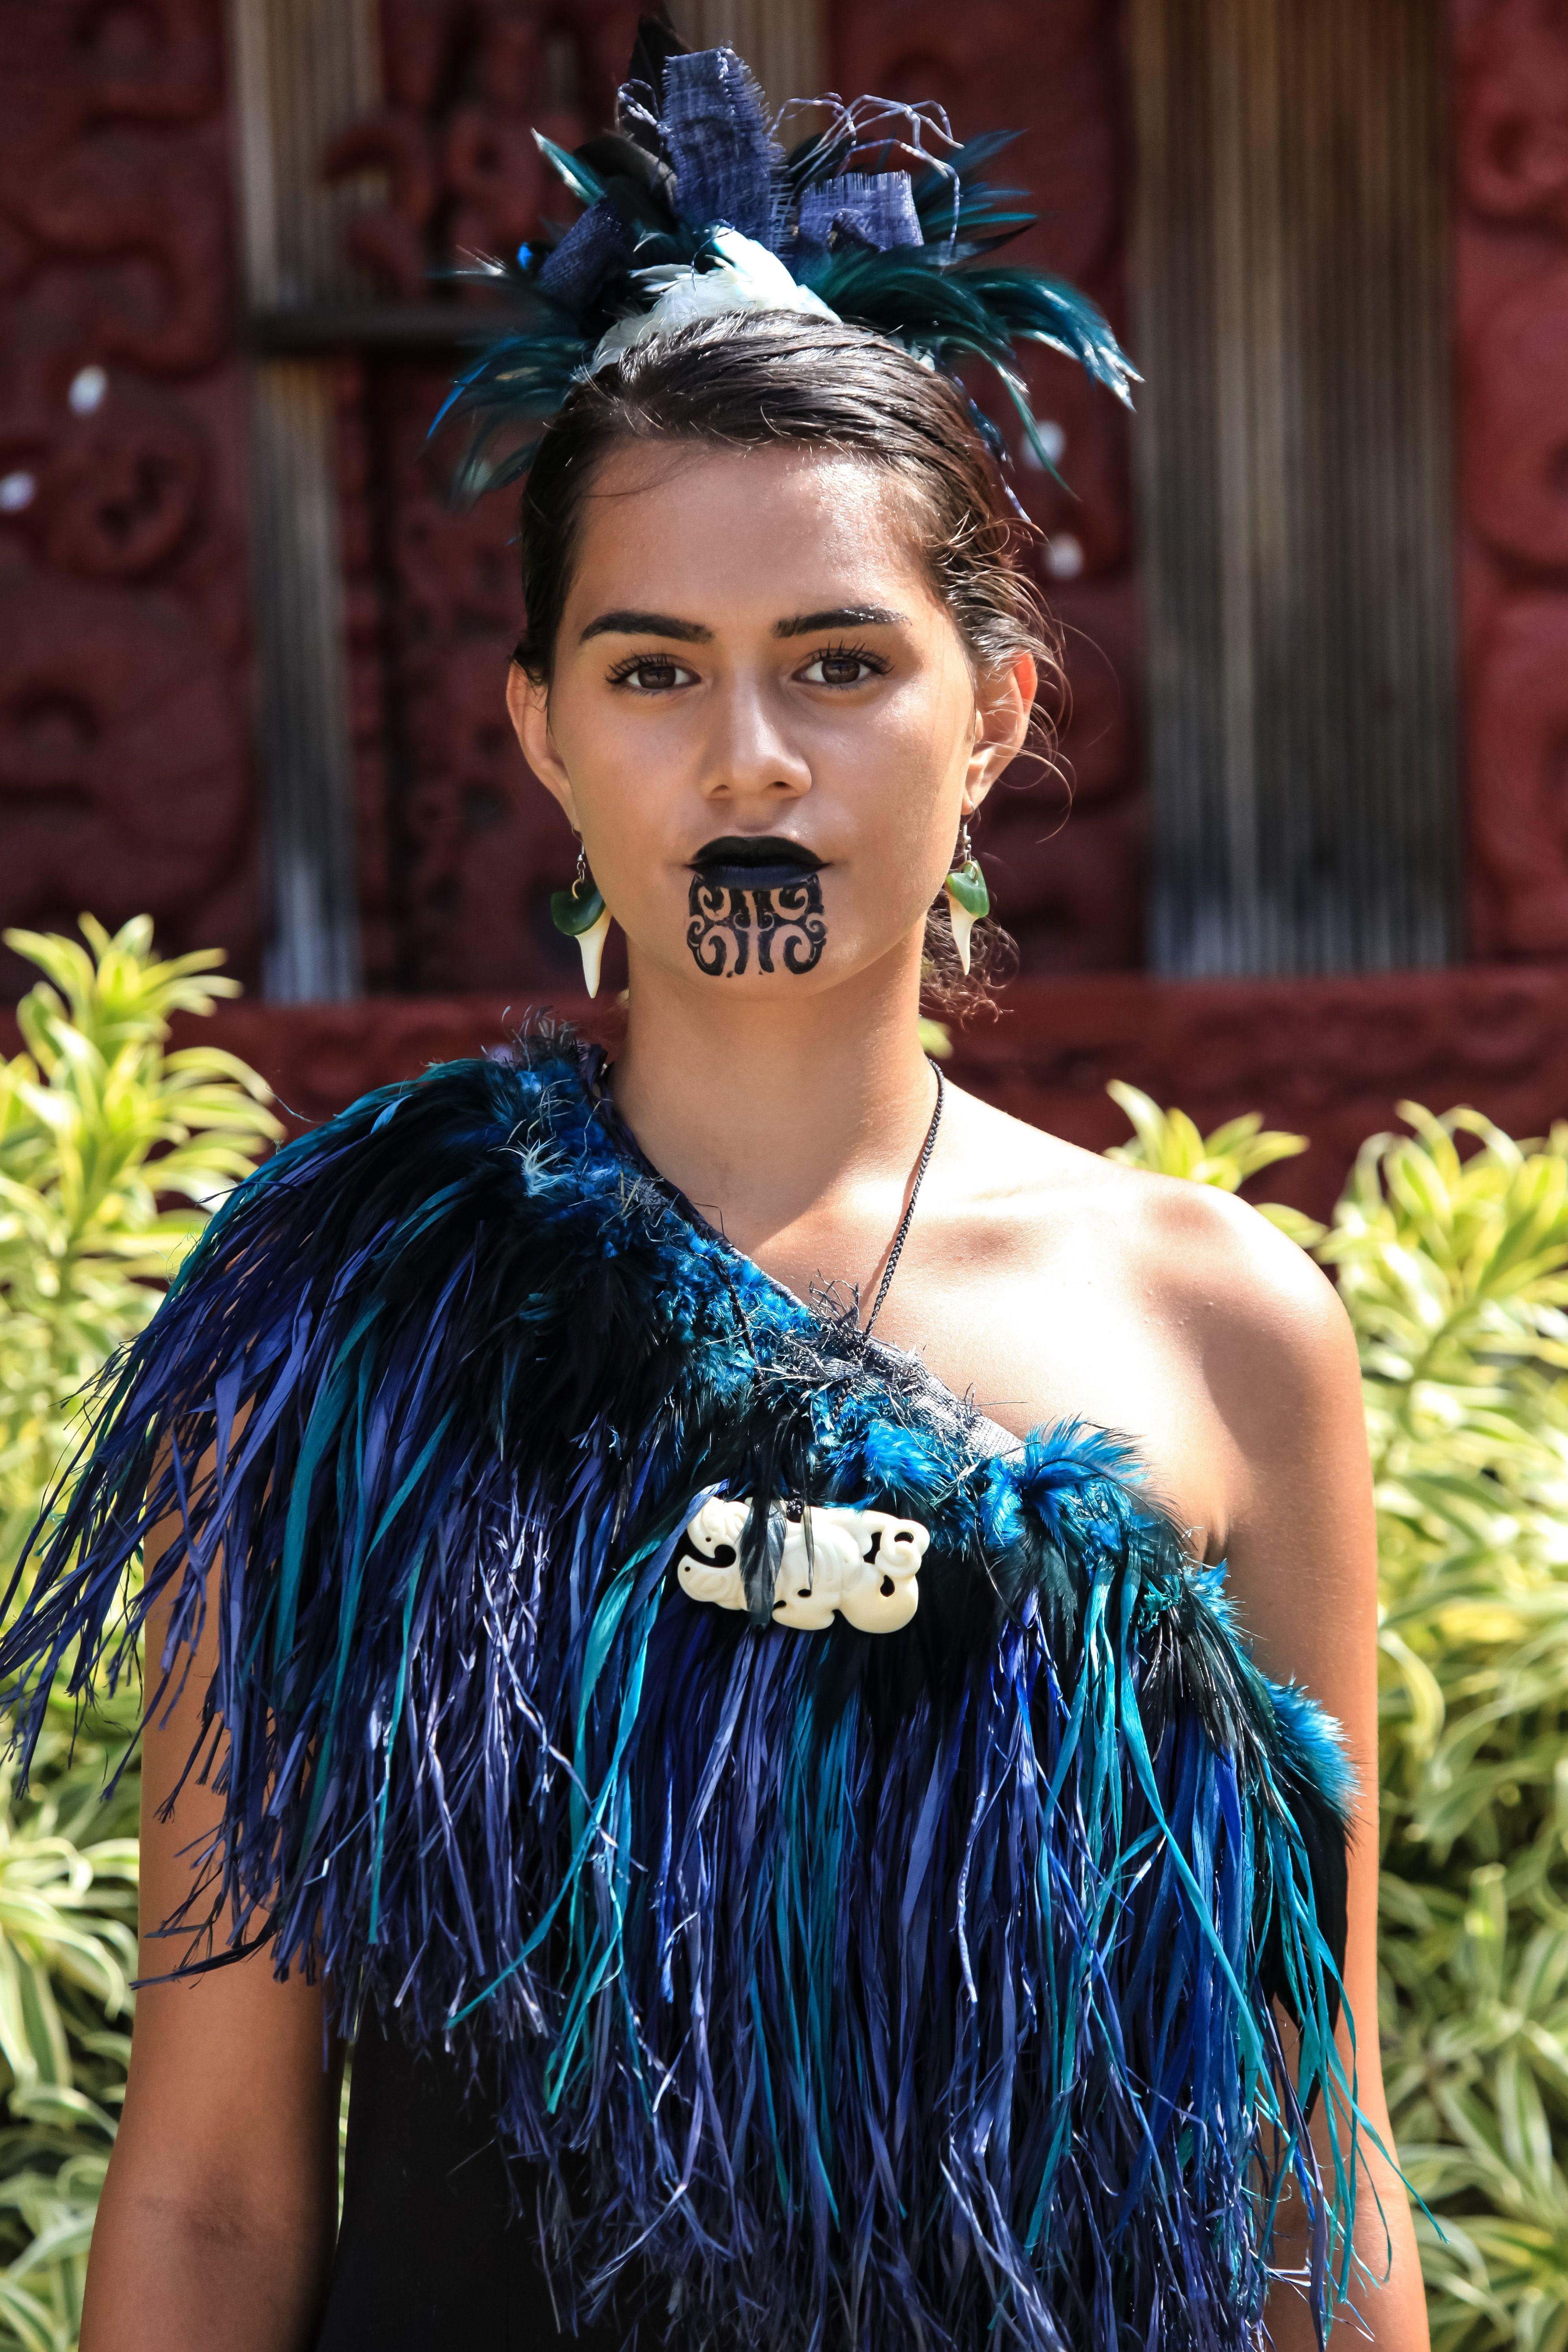 Women In Maori Culture: Maori Villager At The Polynesian Cultural Center